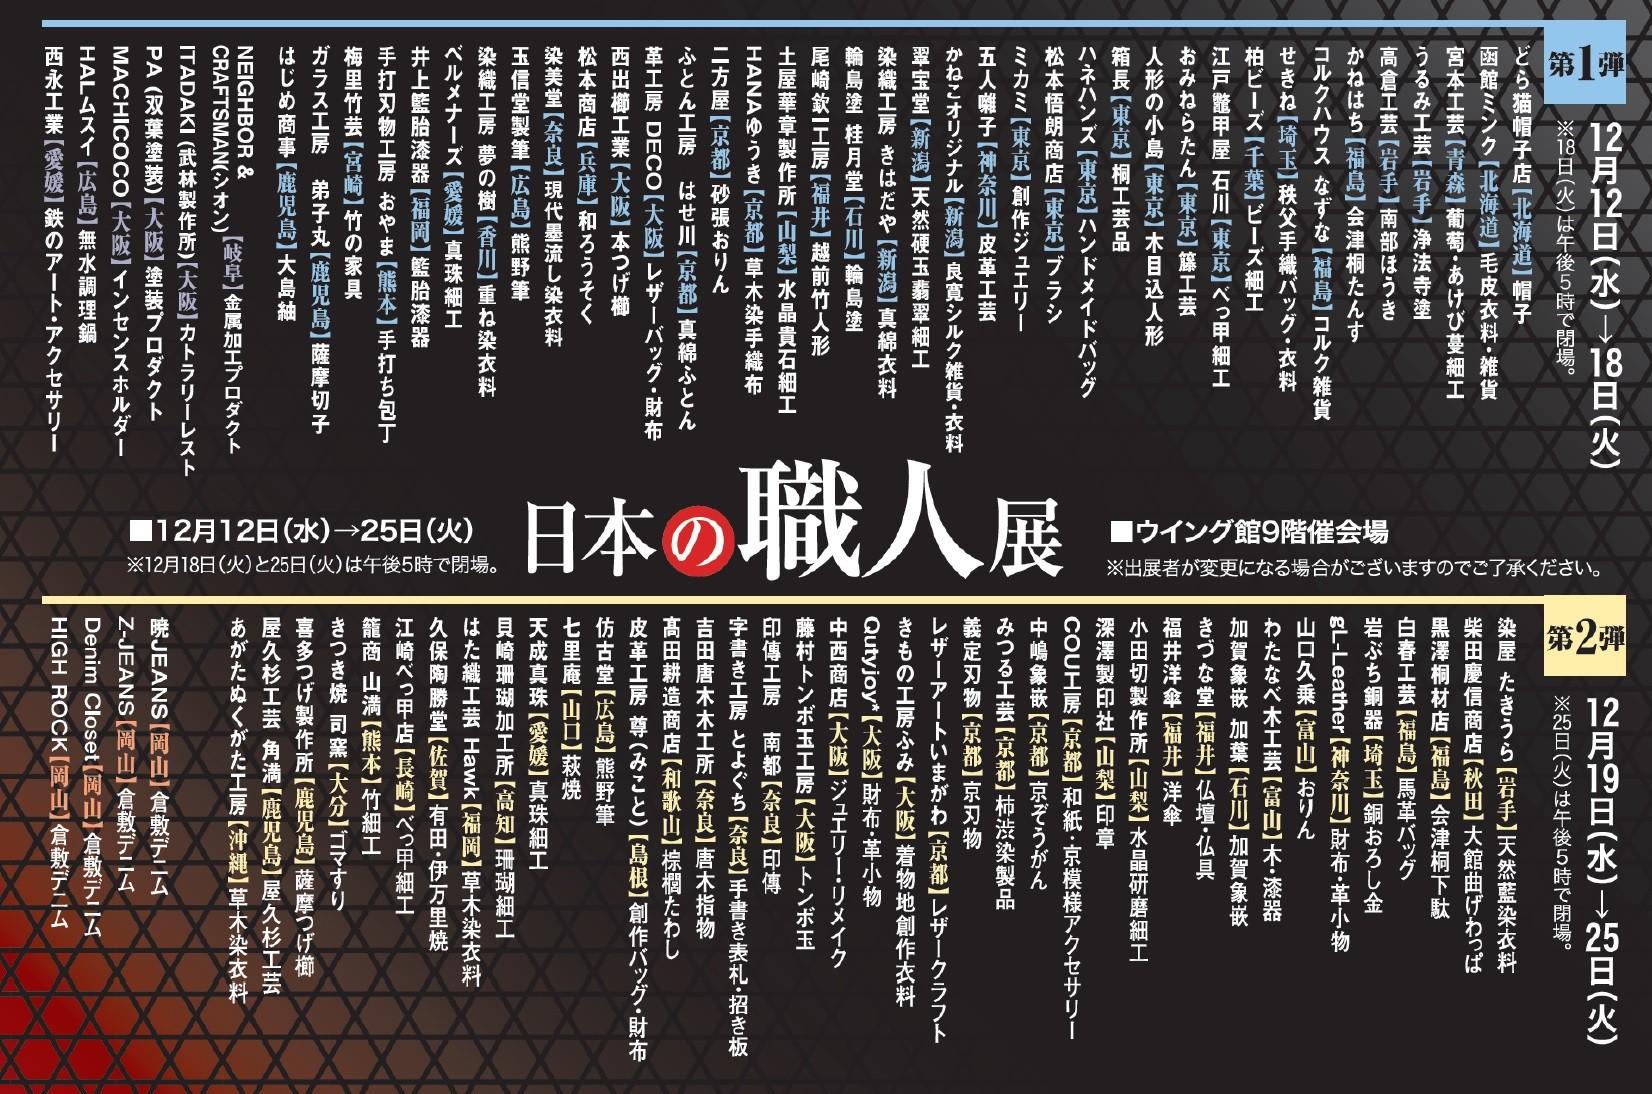 あべのハルカス近鉄本店の催事『日本の職人展』に出展します。